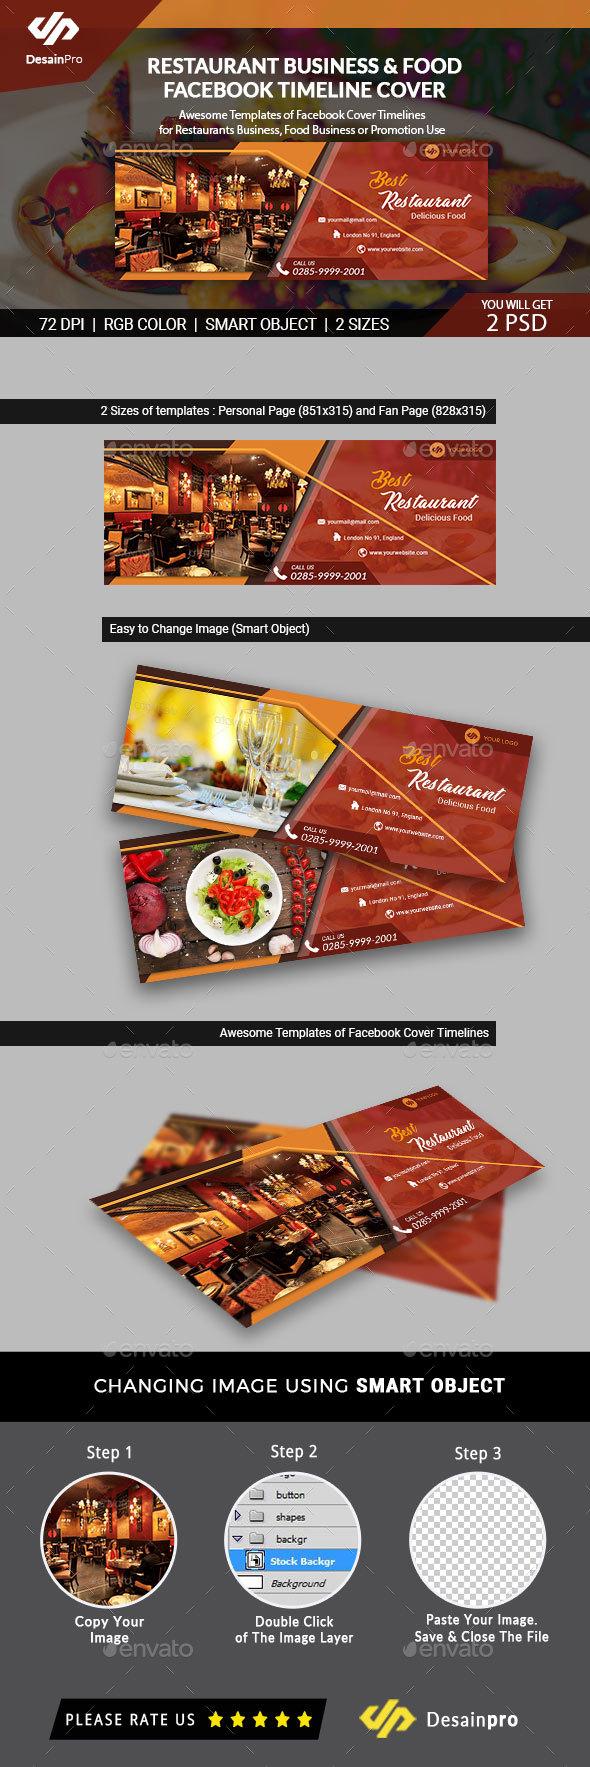 Restaurant Business Facebook Cover Timeline - AR - Facebook Timeline Covers Social Media